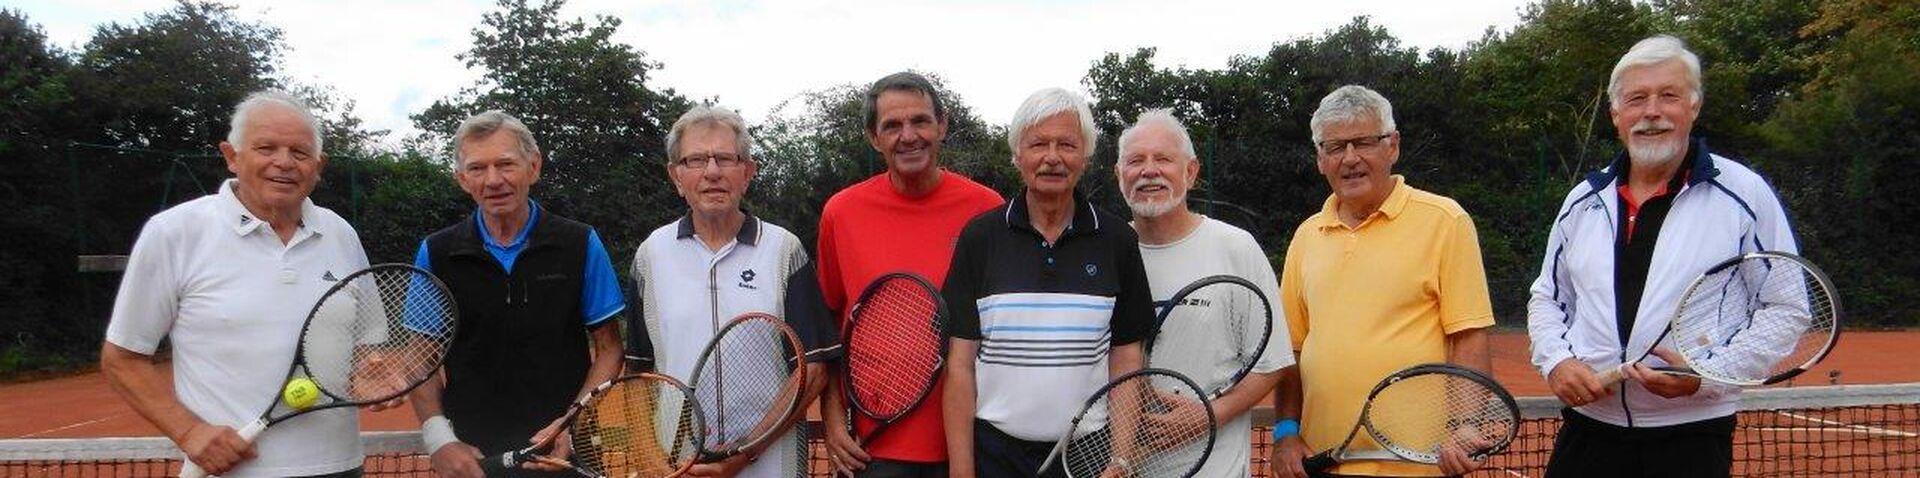 Tennis Aufstiegsfoto